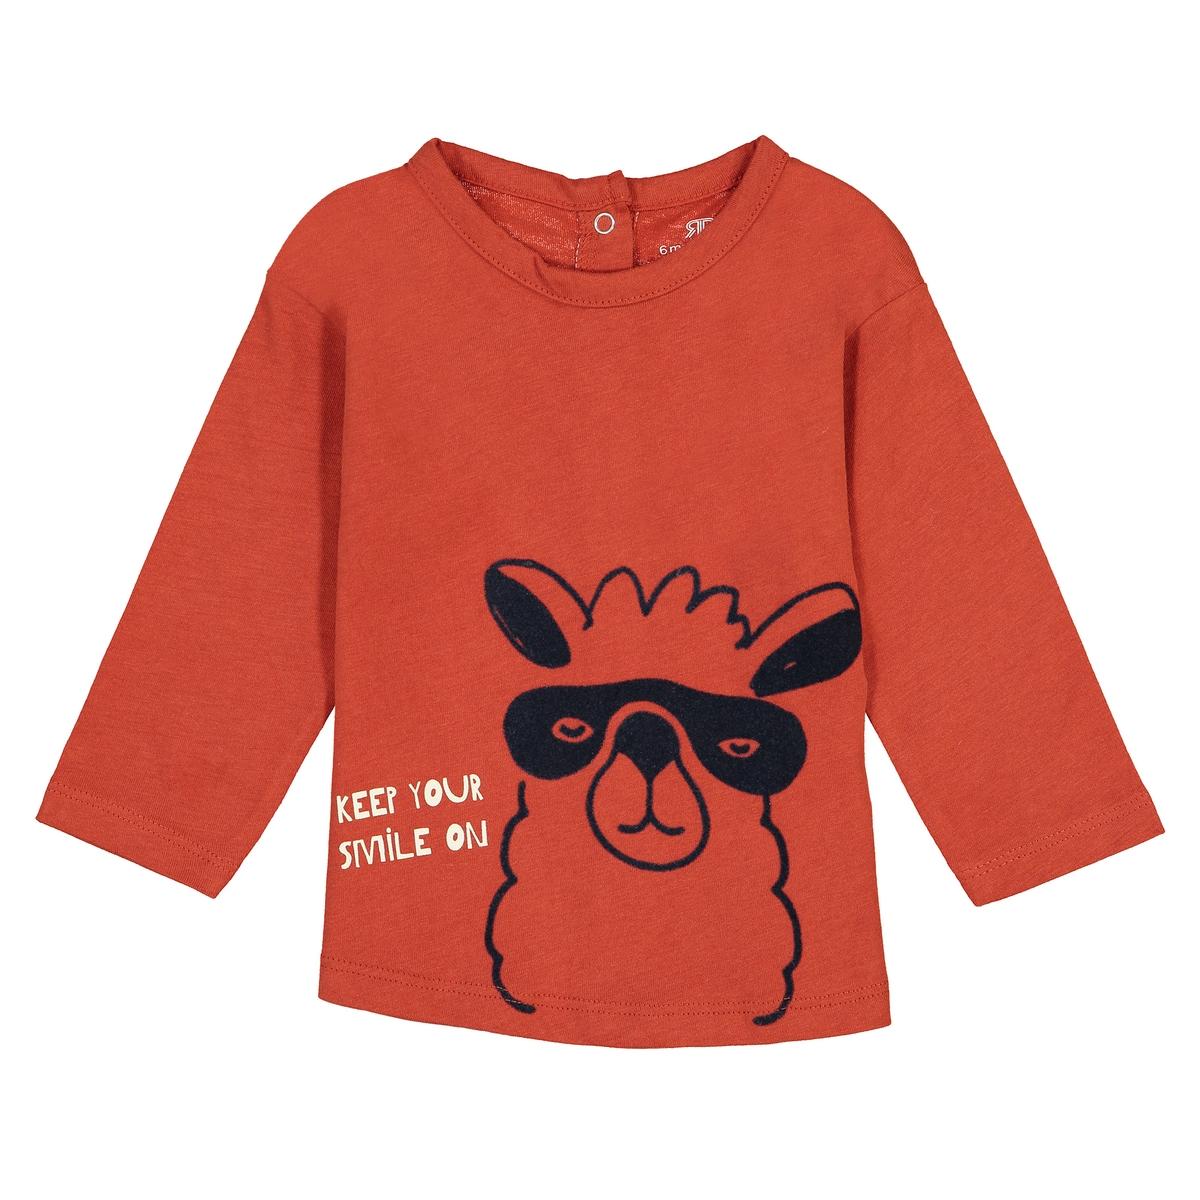 Футболка La Redoute С длинными рукавами и рисунком лама мес - мес 0 мес. - 50 см оранжевый футболка la redoute с длинными рукавами с вышивкой мес года 0 мес 50 см бежевый